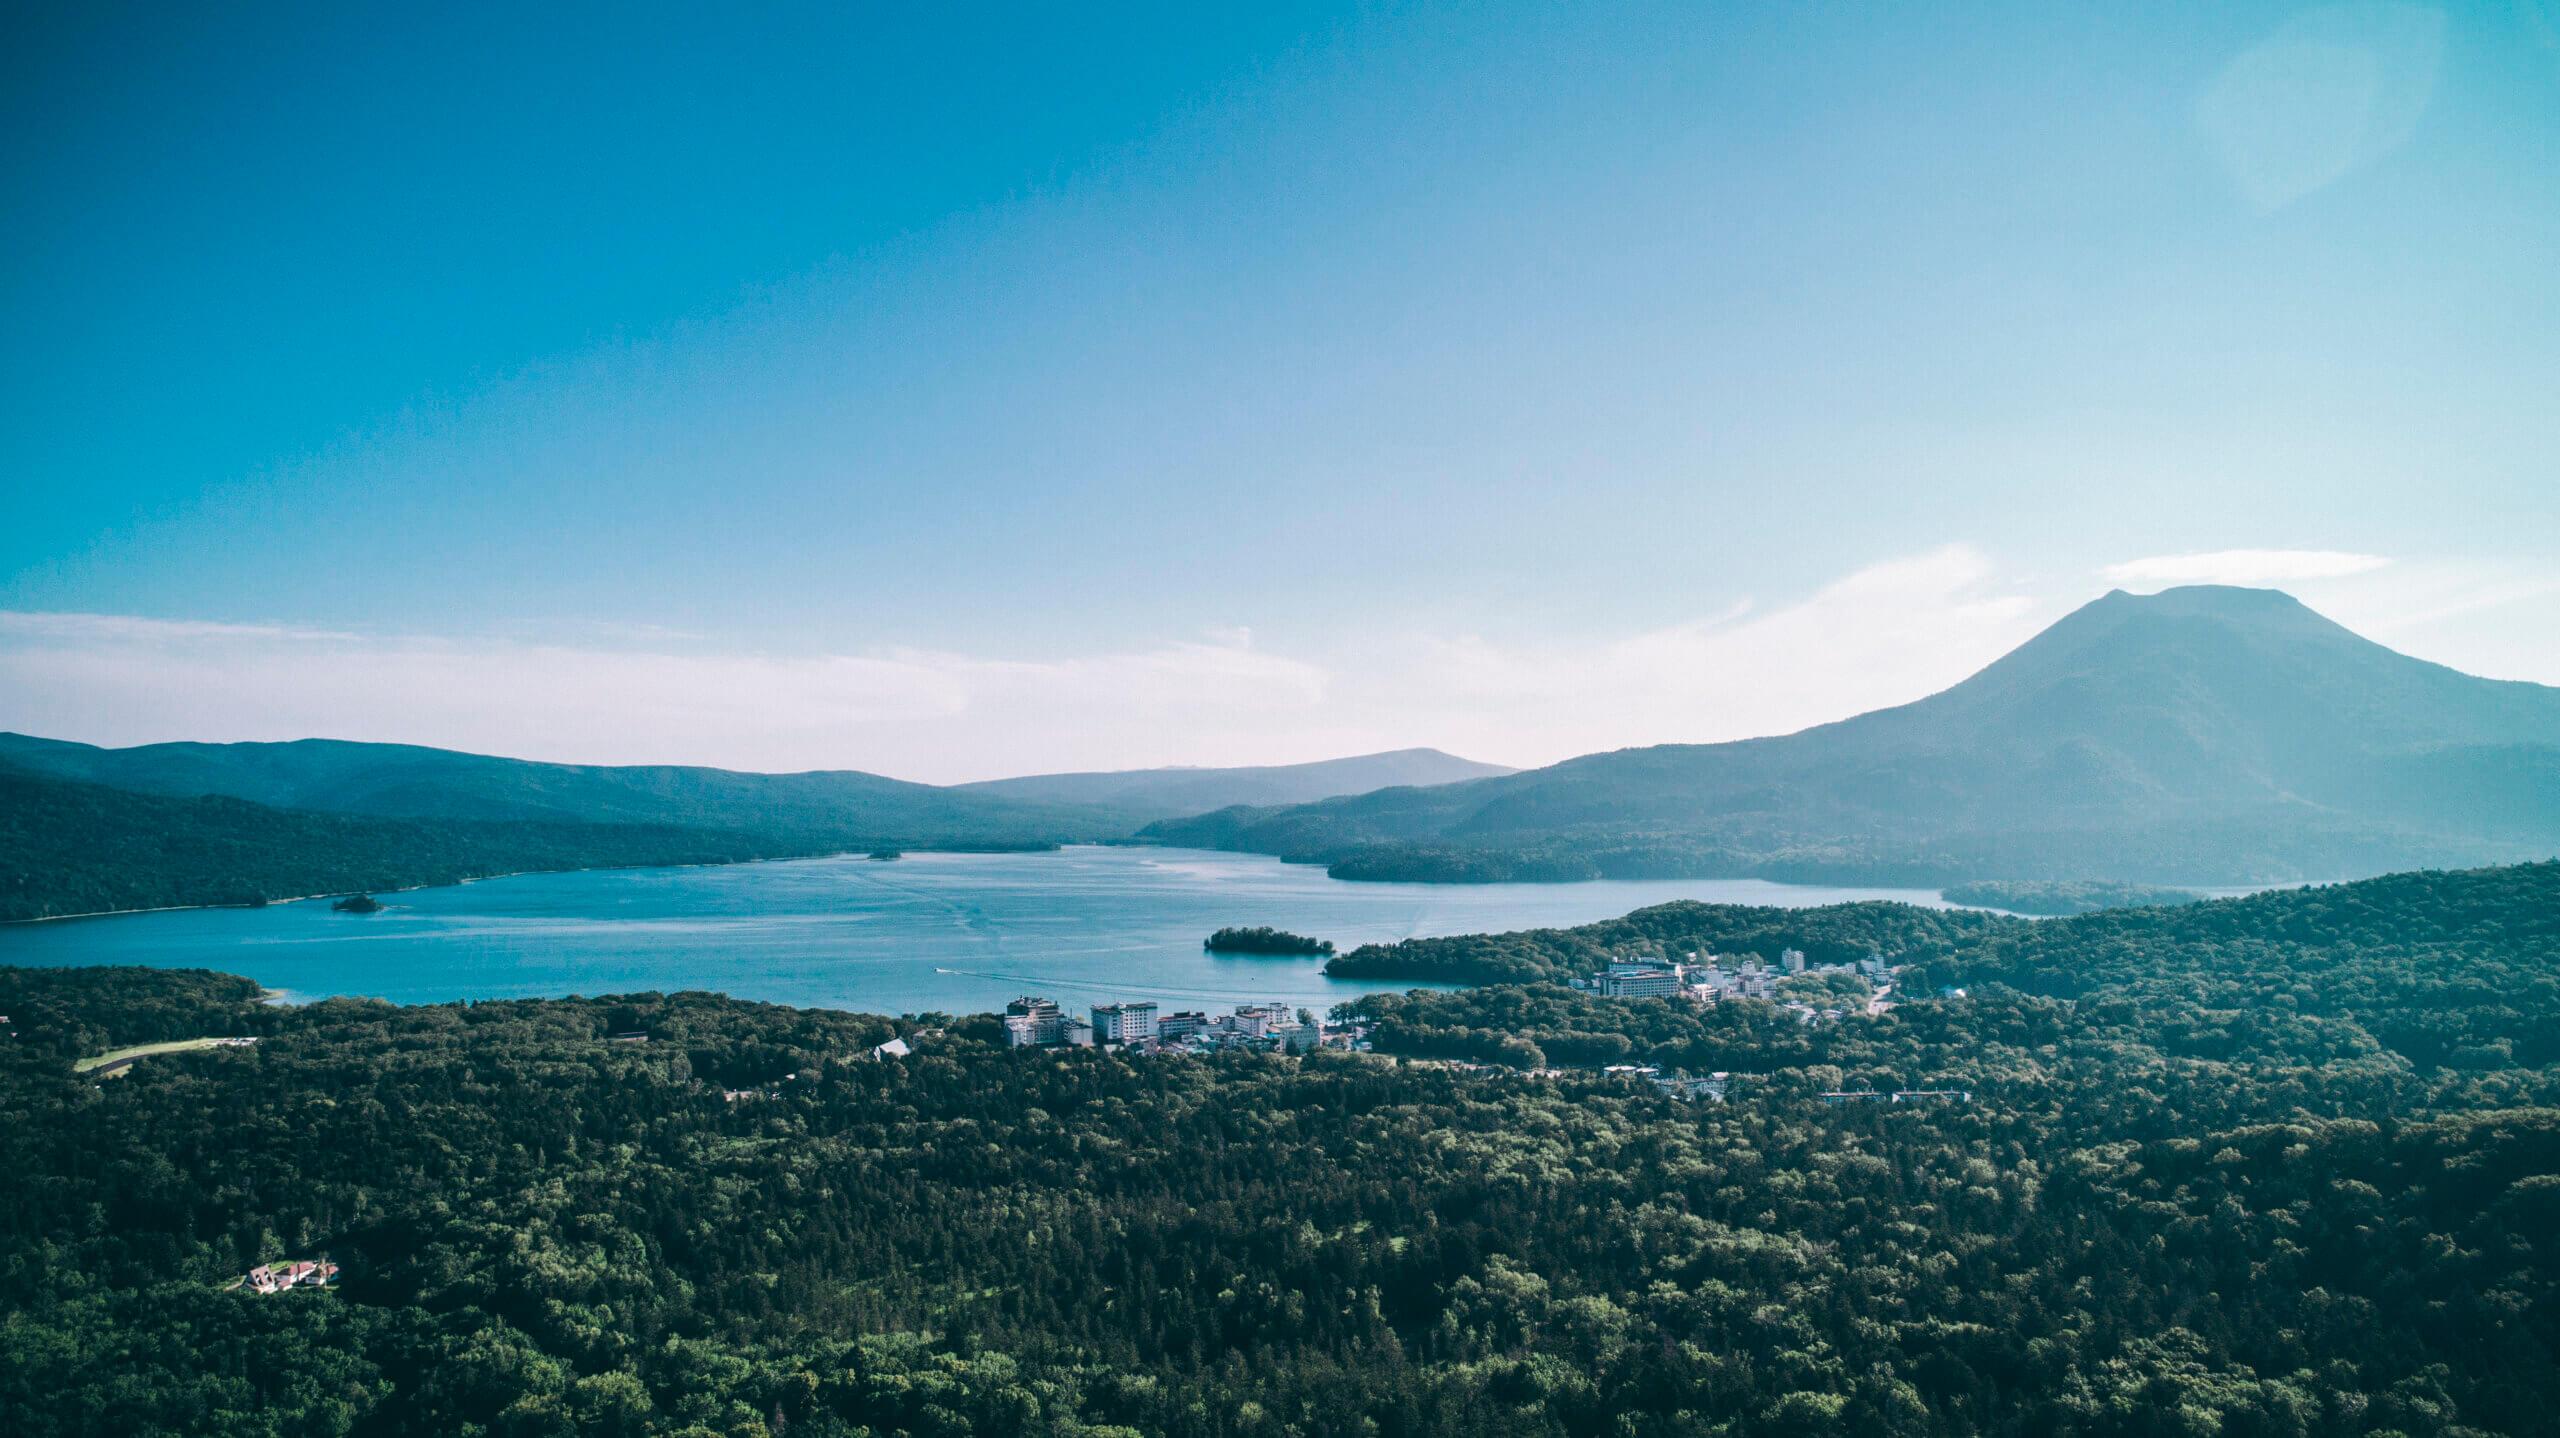 阿寒湖溫泉:飽覽阿寒湖自然美景與愛努文化